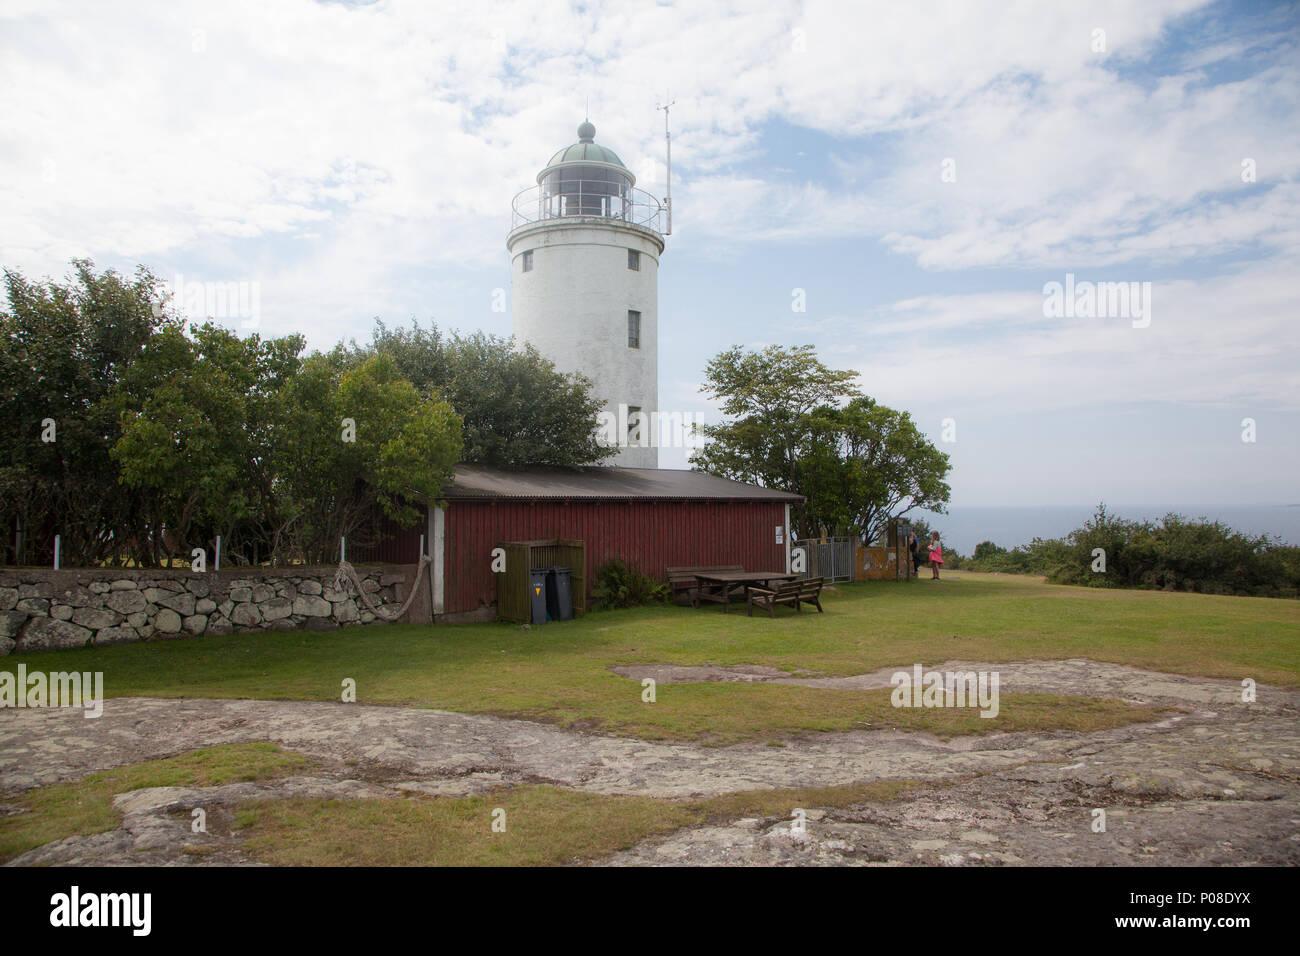 Leuchtturm auf der Insel Hanö Südschweden Stockbild